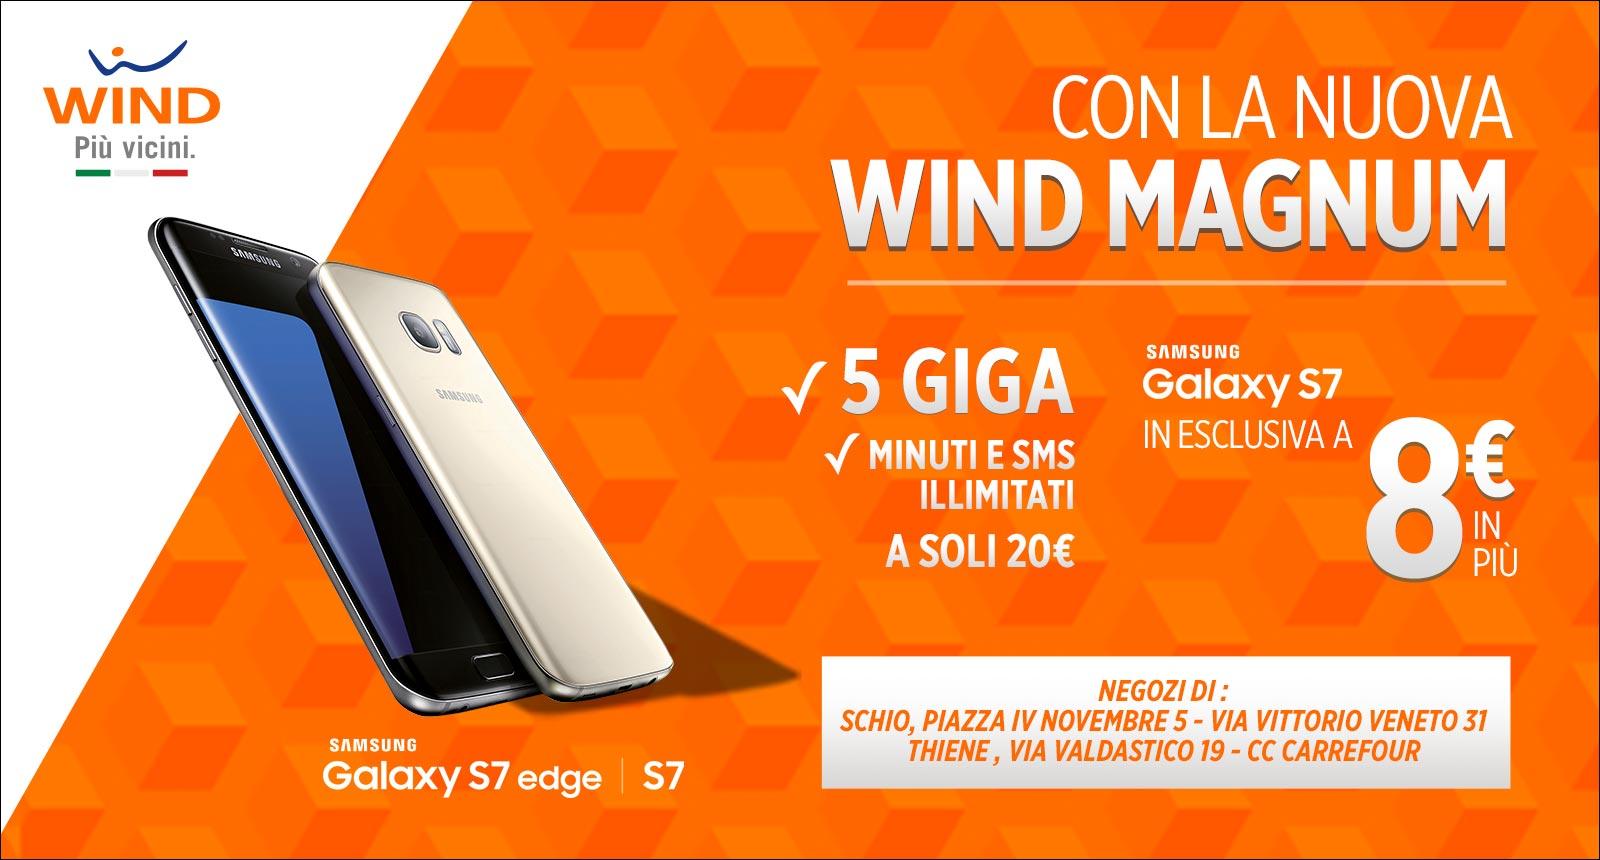 wind_magnum_nov2016_1600x860